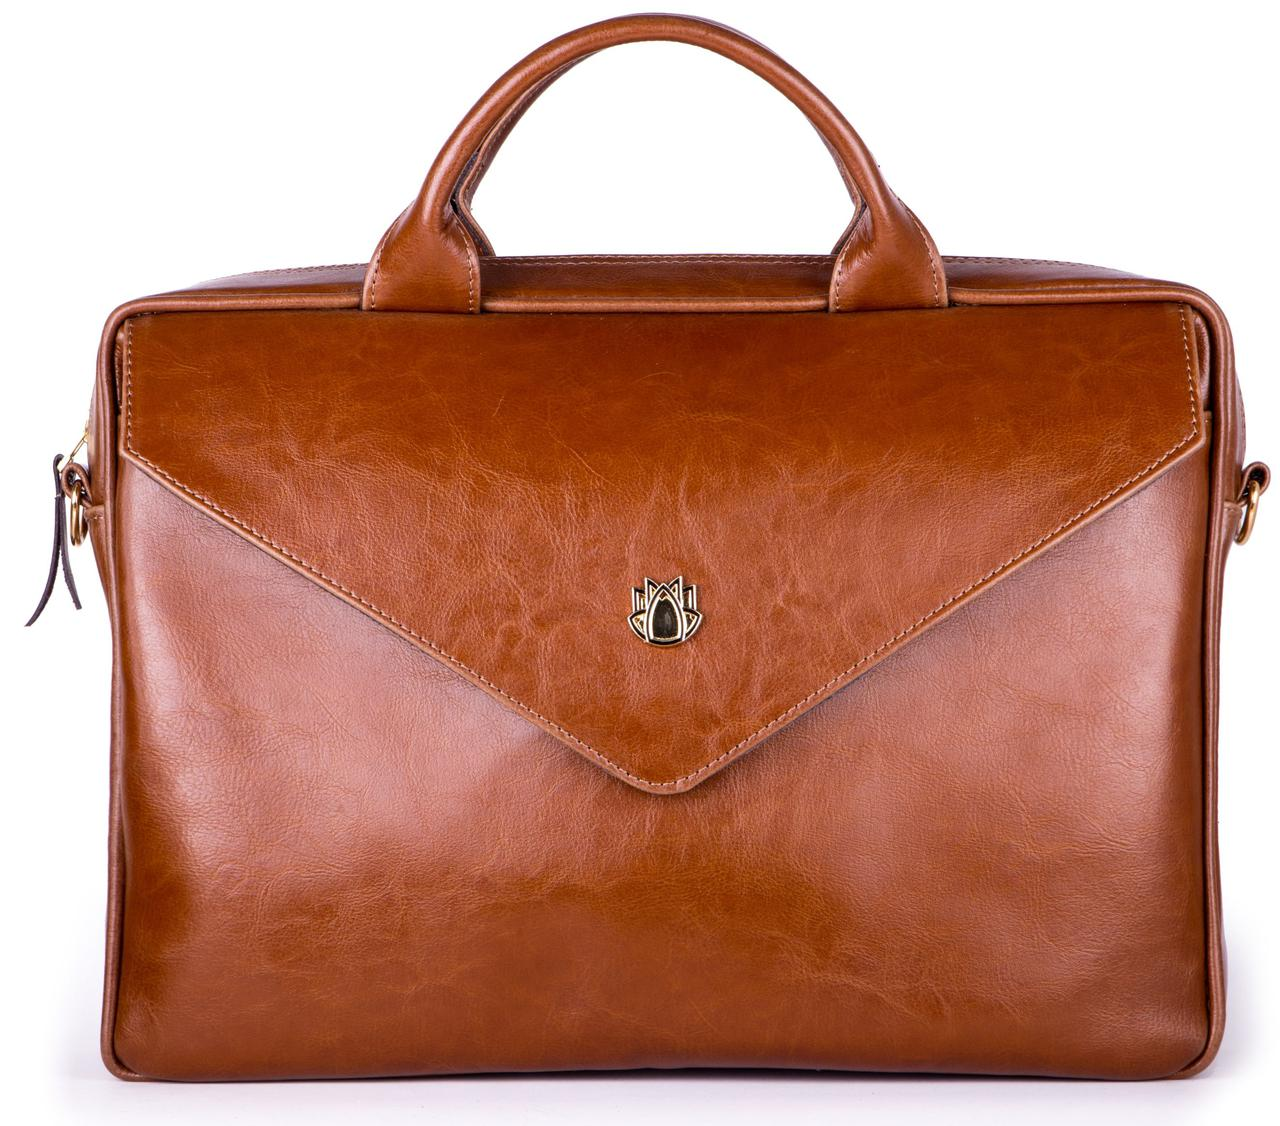 f284b7a096fb Женская сумка для ноутбука 15,6' Felice Fl15 Camel - SUPERSUMKA интернет  магазин в